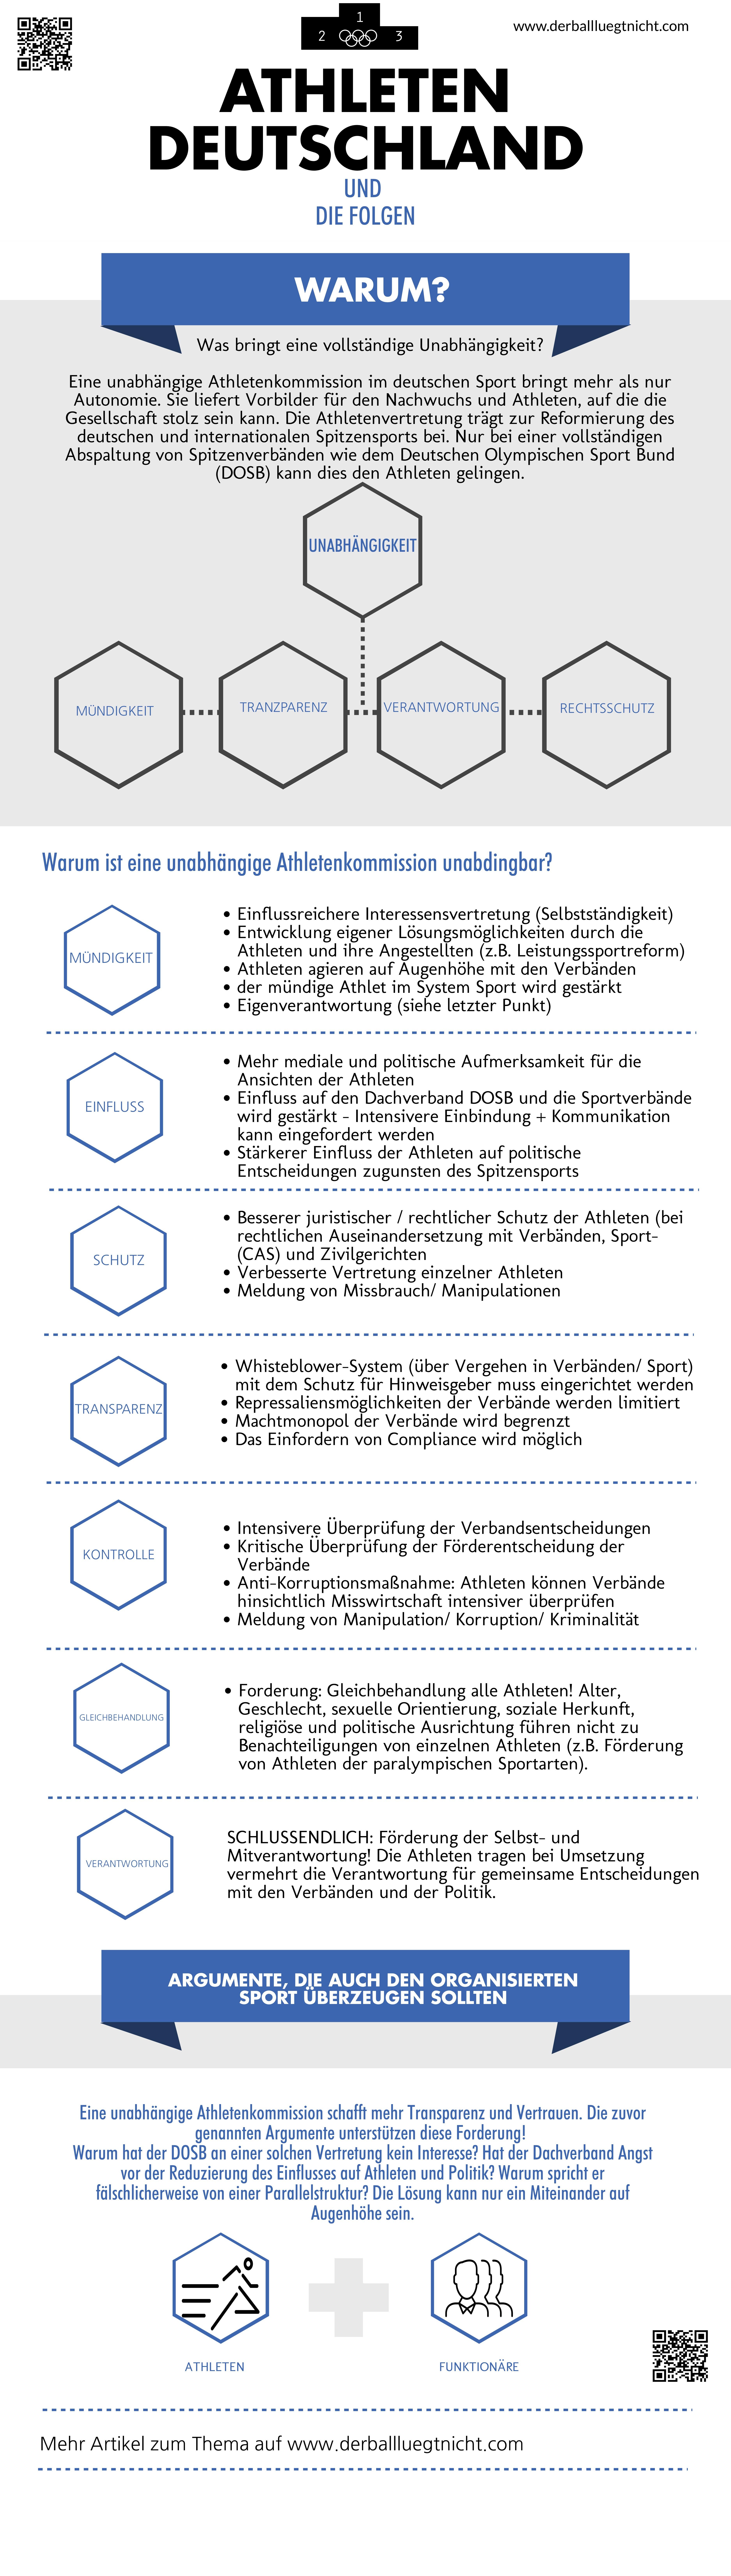 athleten deutschland www.derballluegtnicht.com